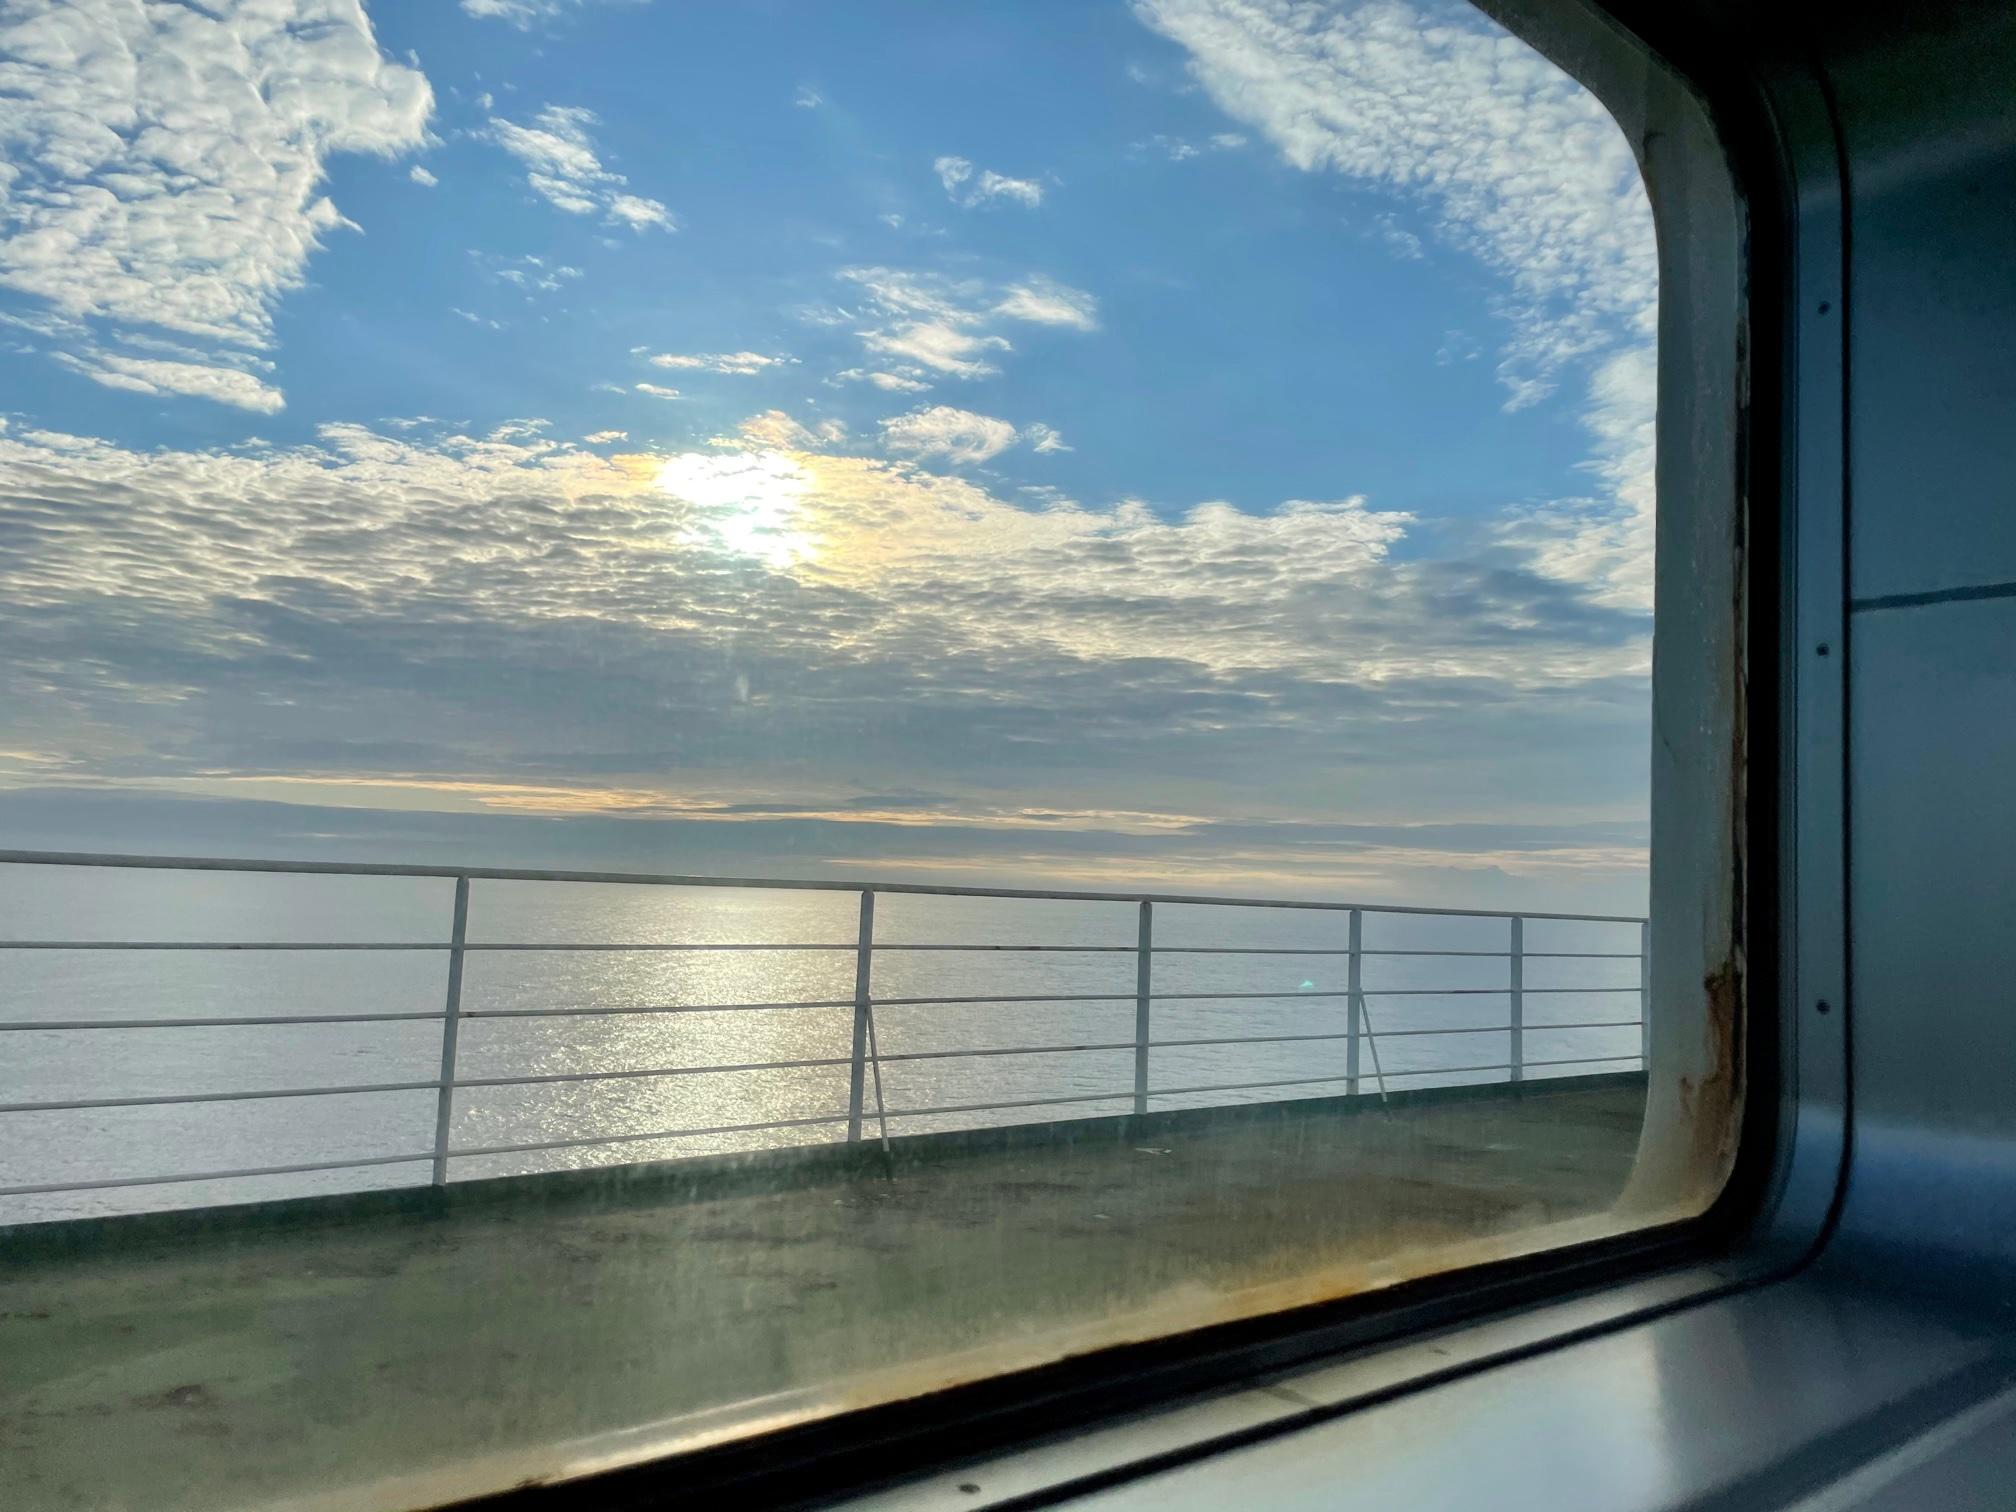 フェリーの窓から見る夕方の海